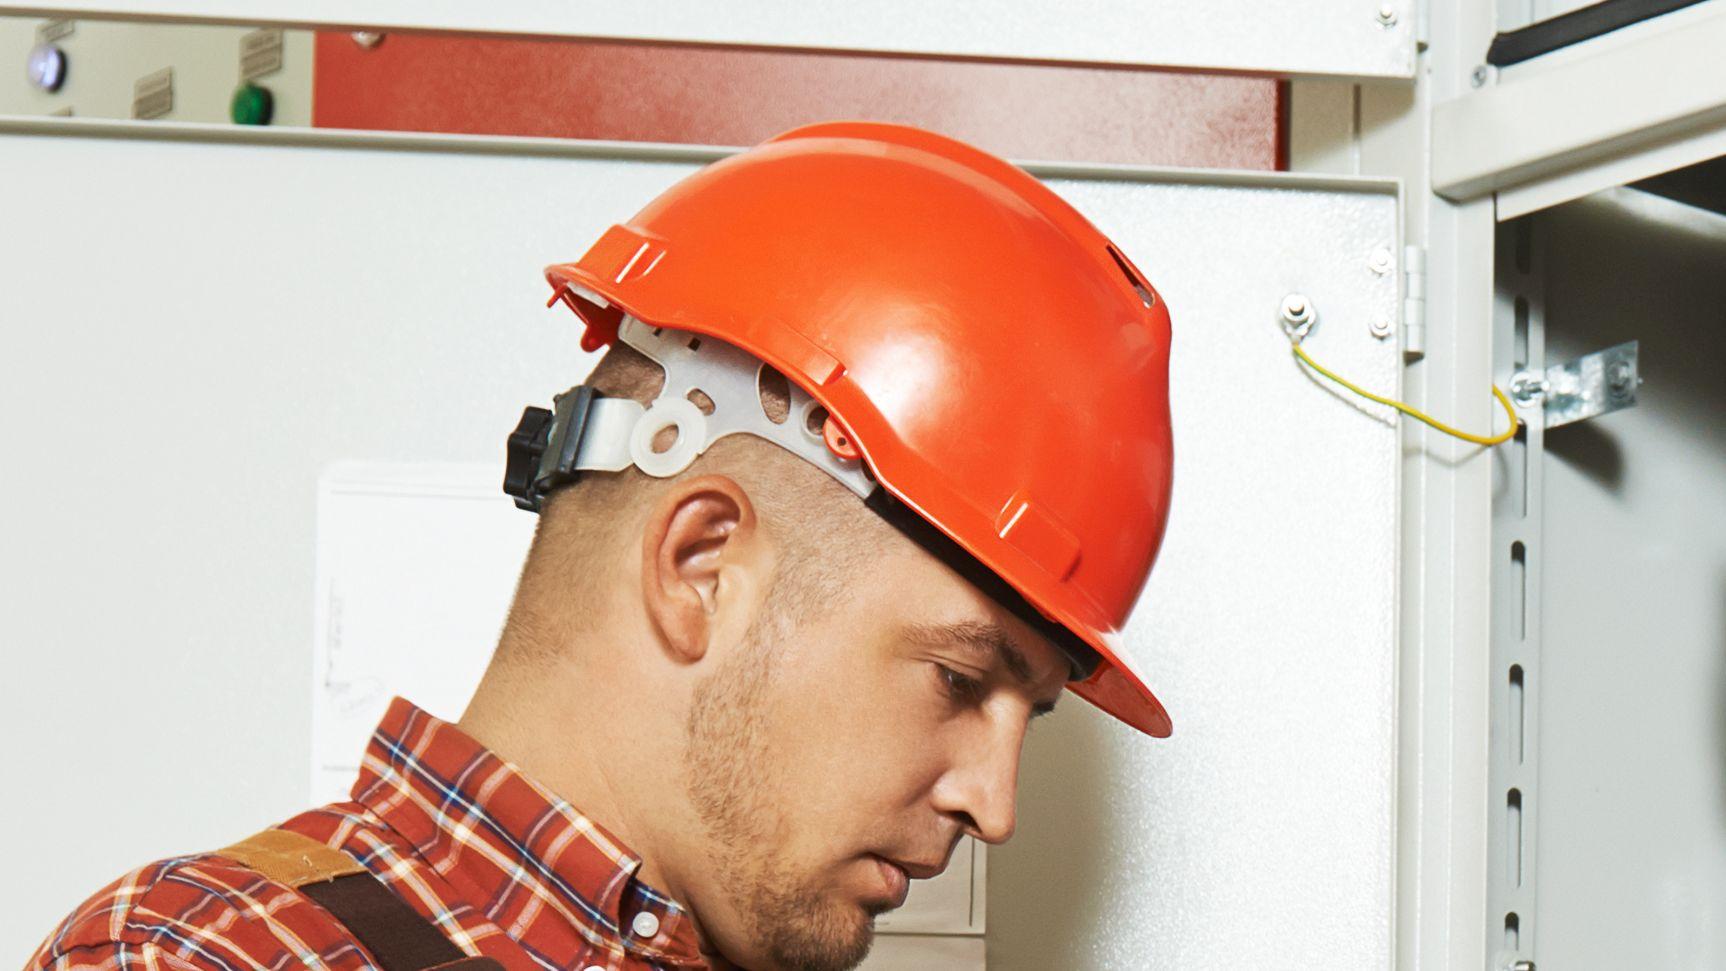 Cómo elegir un casco de seguridad